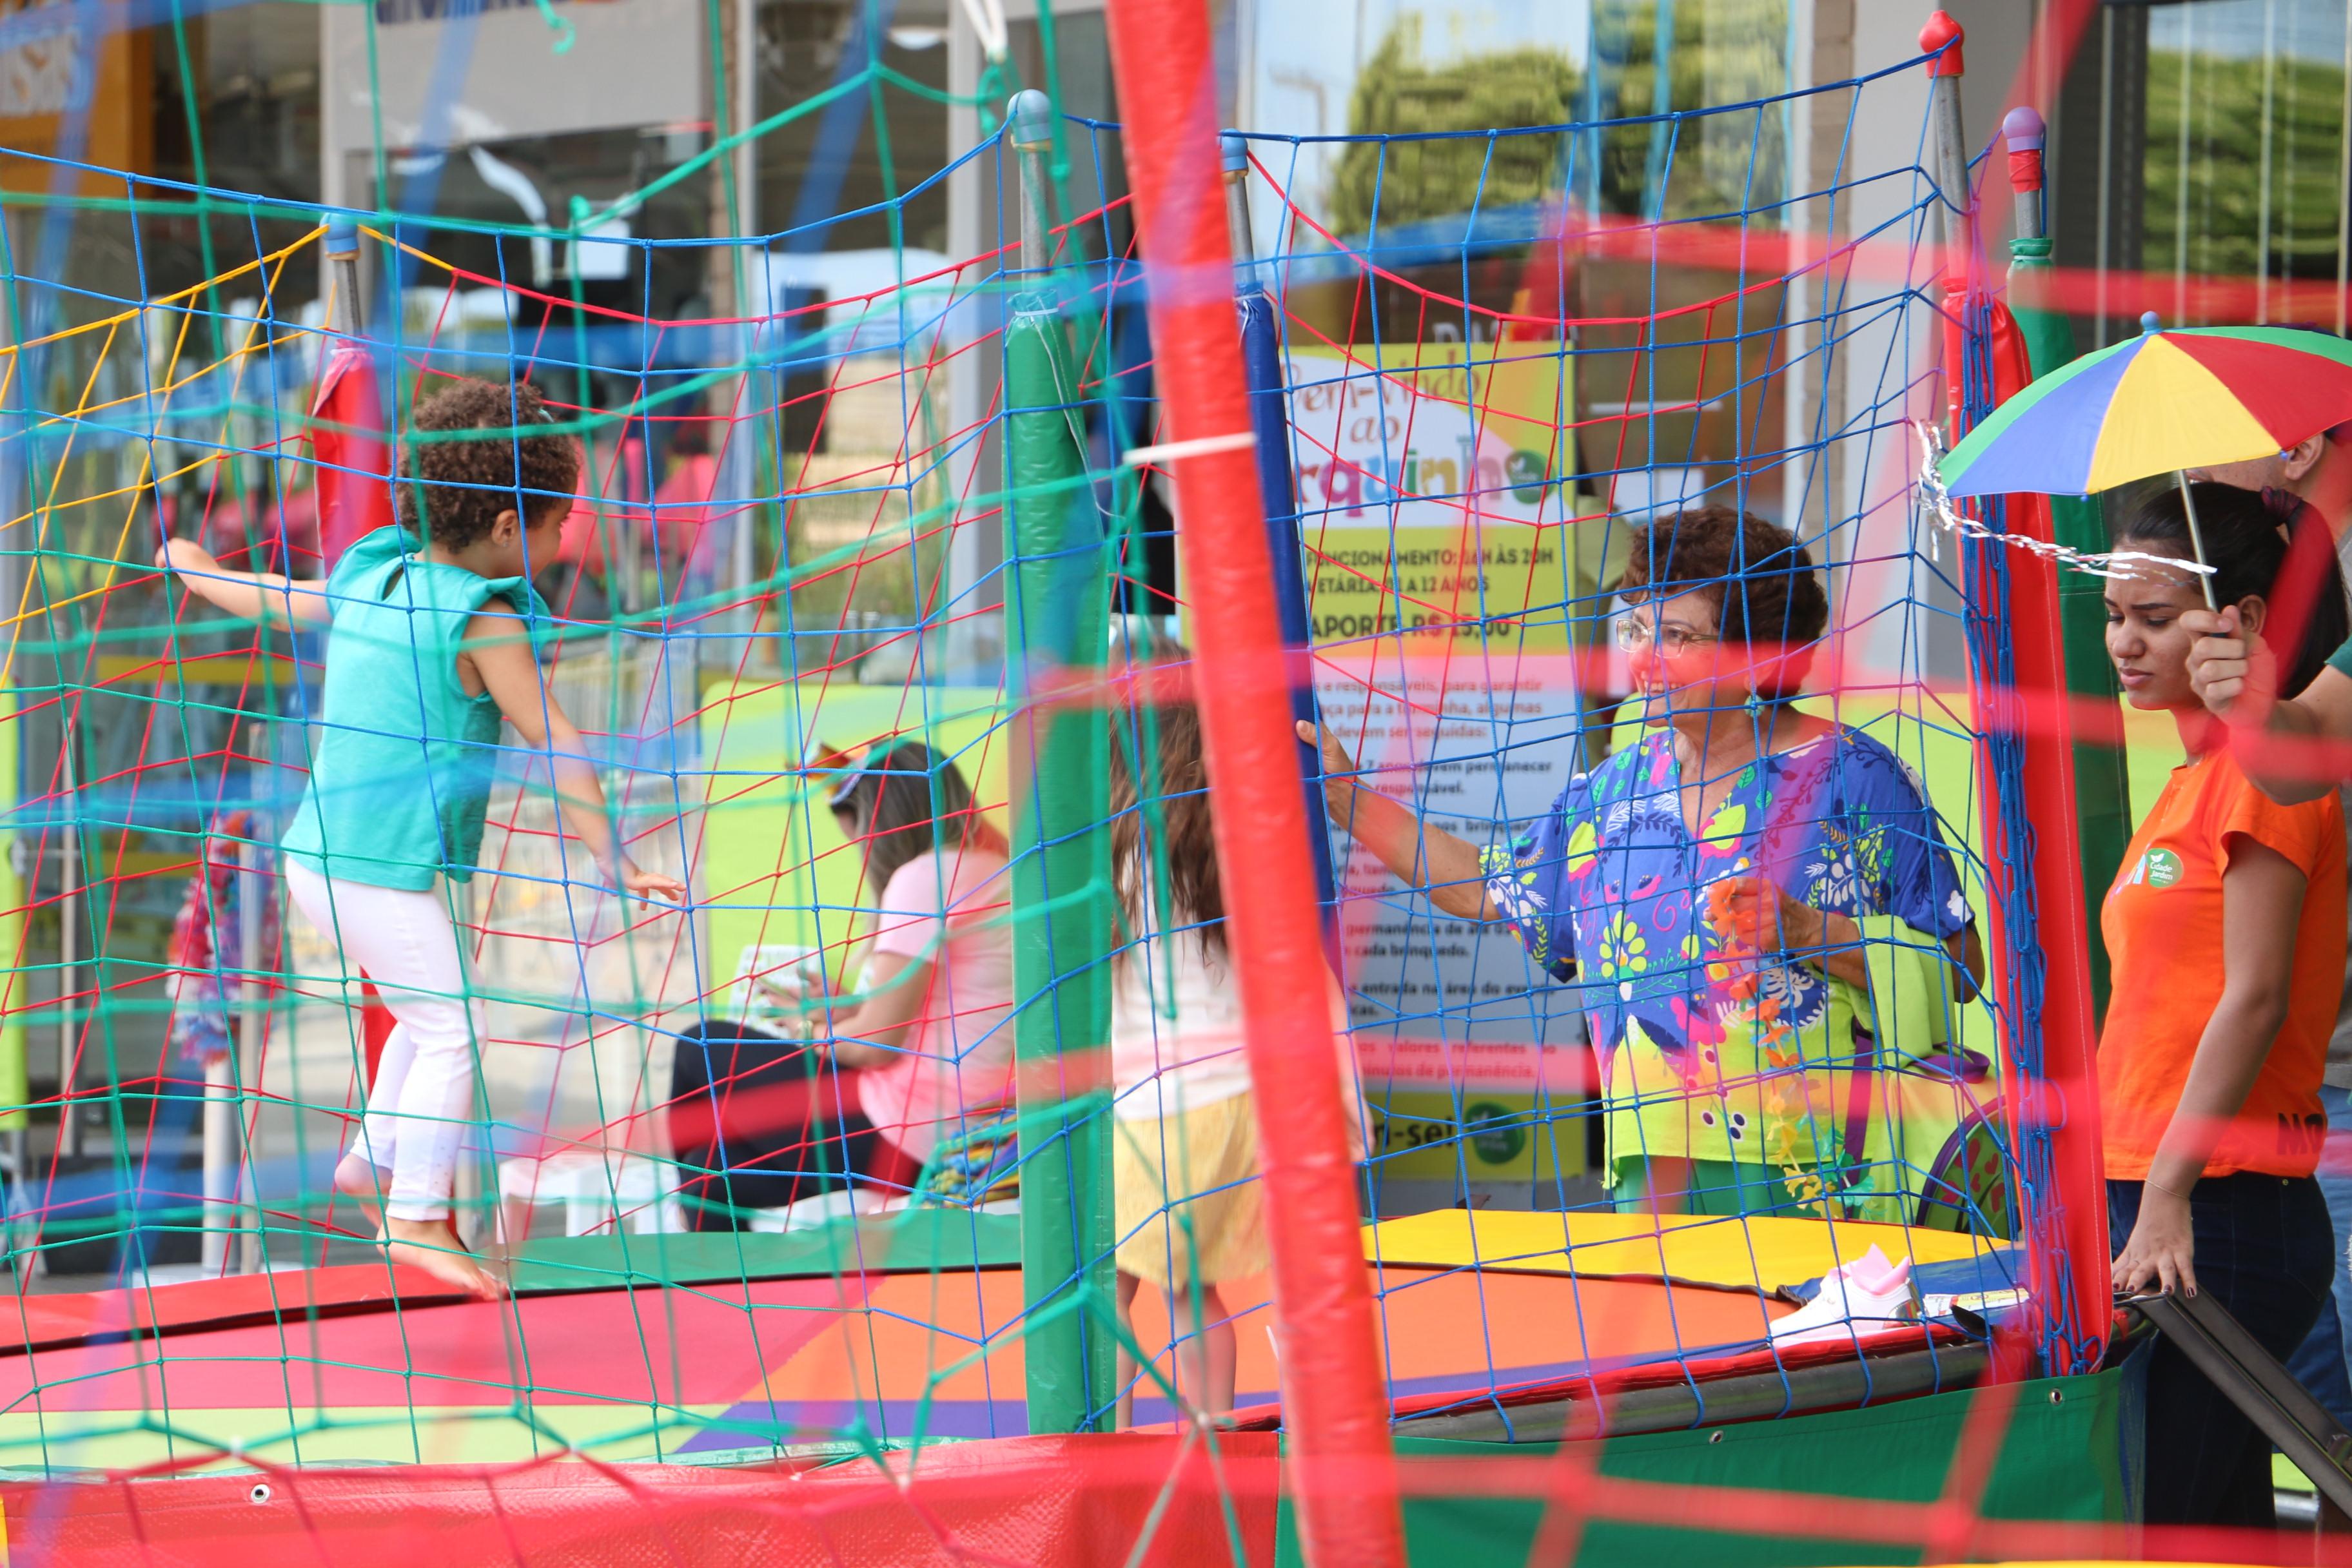 cd1840b6c5f O Shopping Cidade Jardim dispõe de um variado mix infantil. Em um mesmo  corredor estão as lojas de roupas e acessórios infantis como a Aire